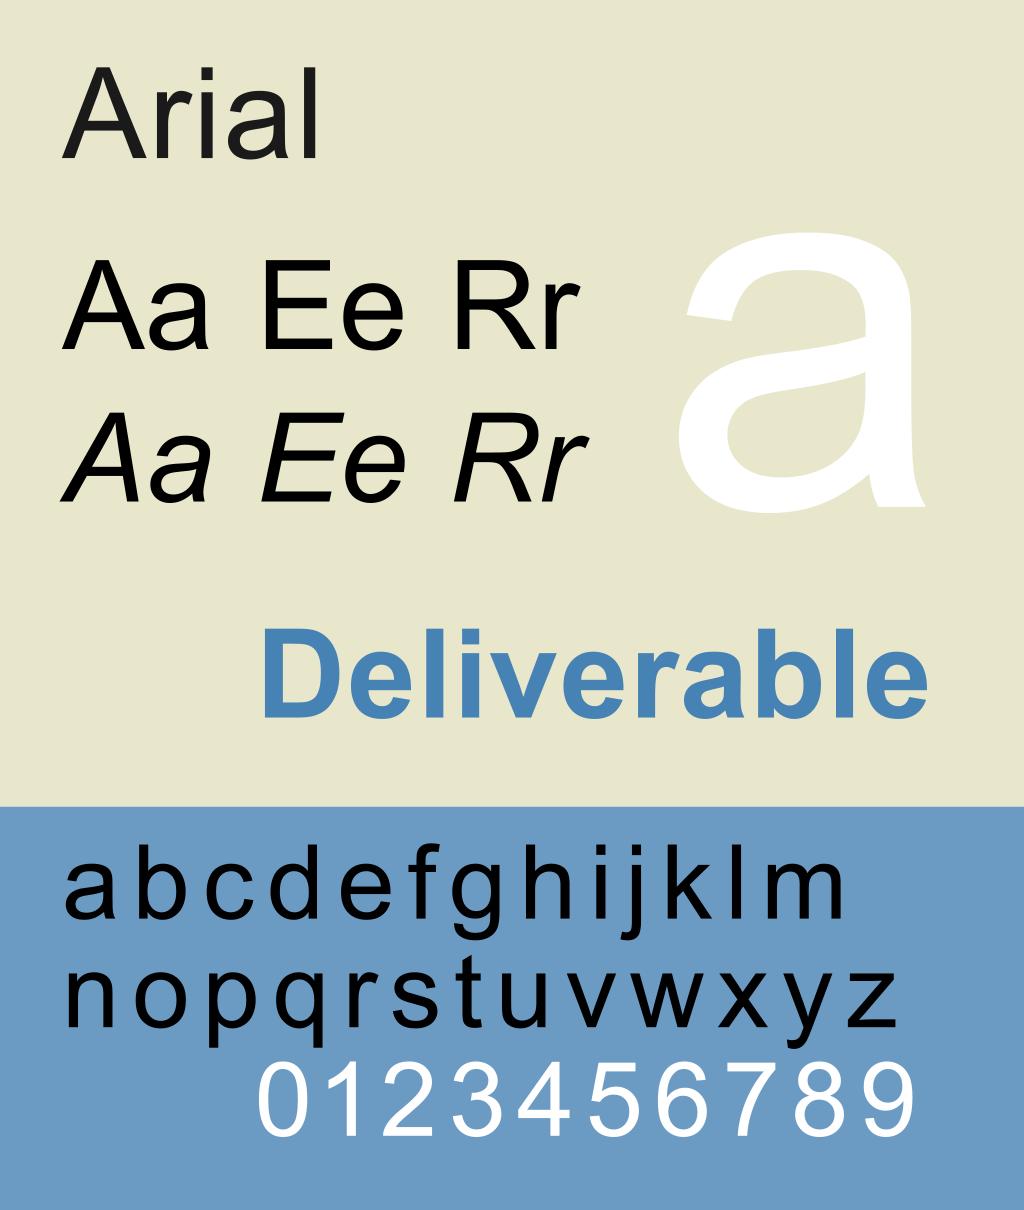 5 - bezpatkové písmo arial